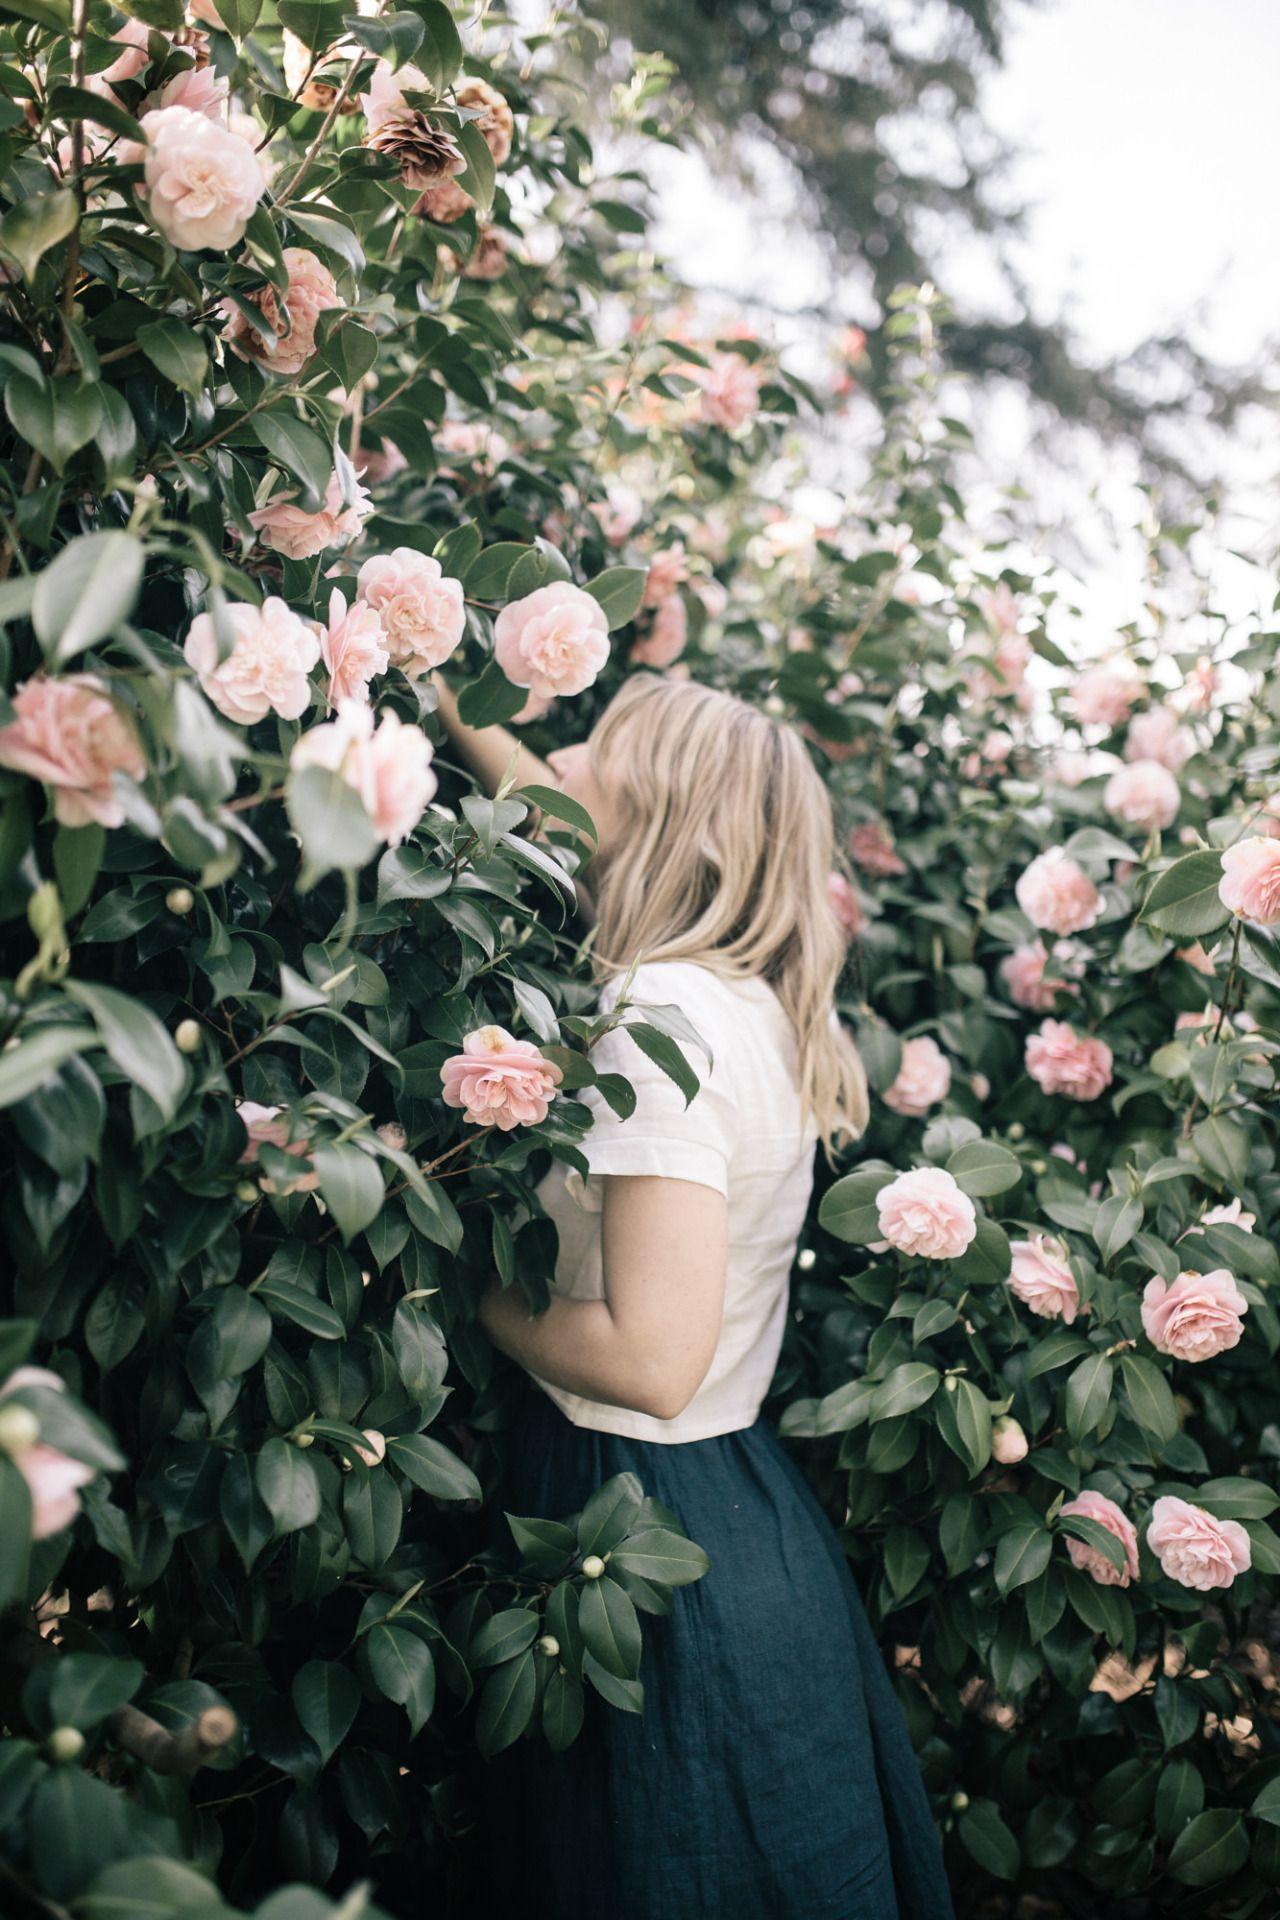 Flowers tight brunette teen posing